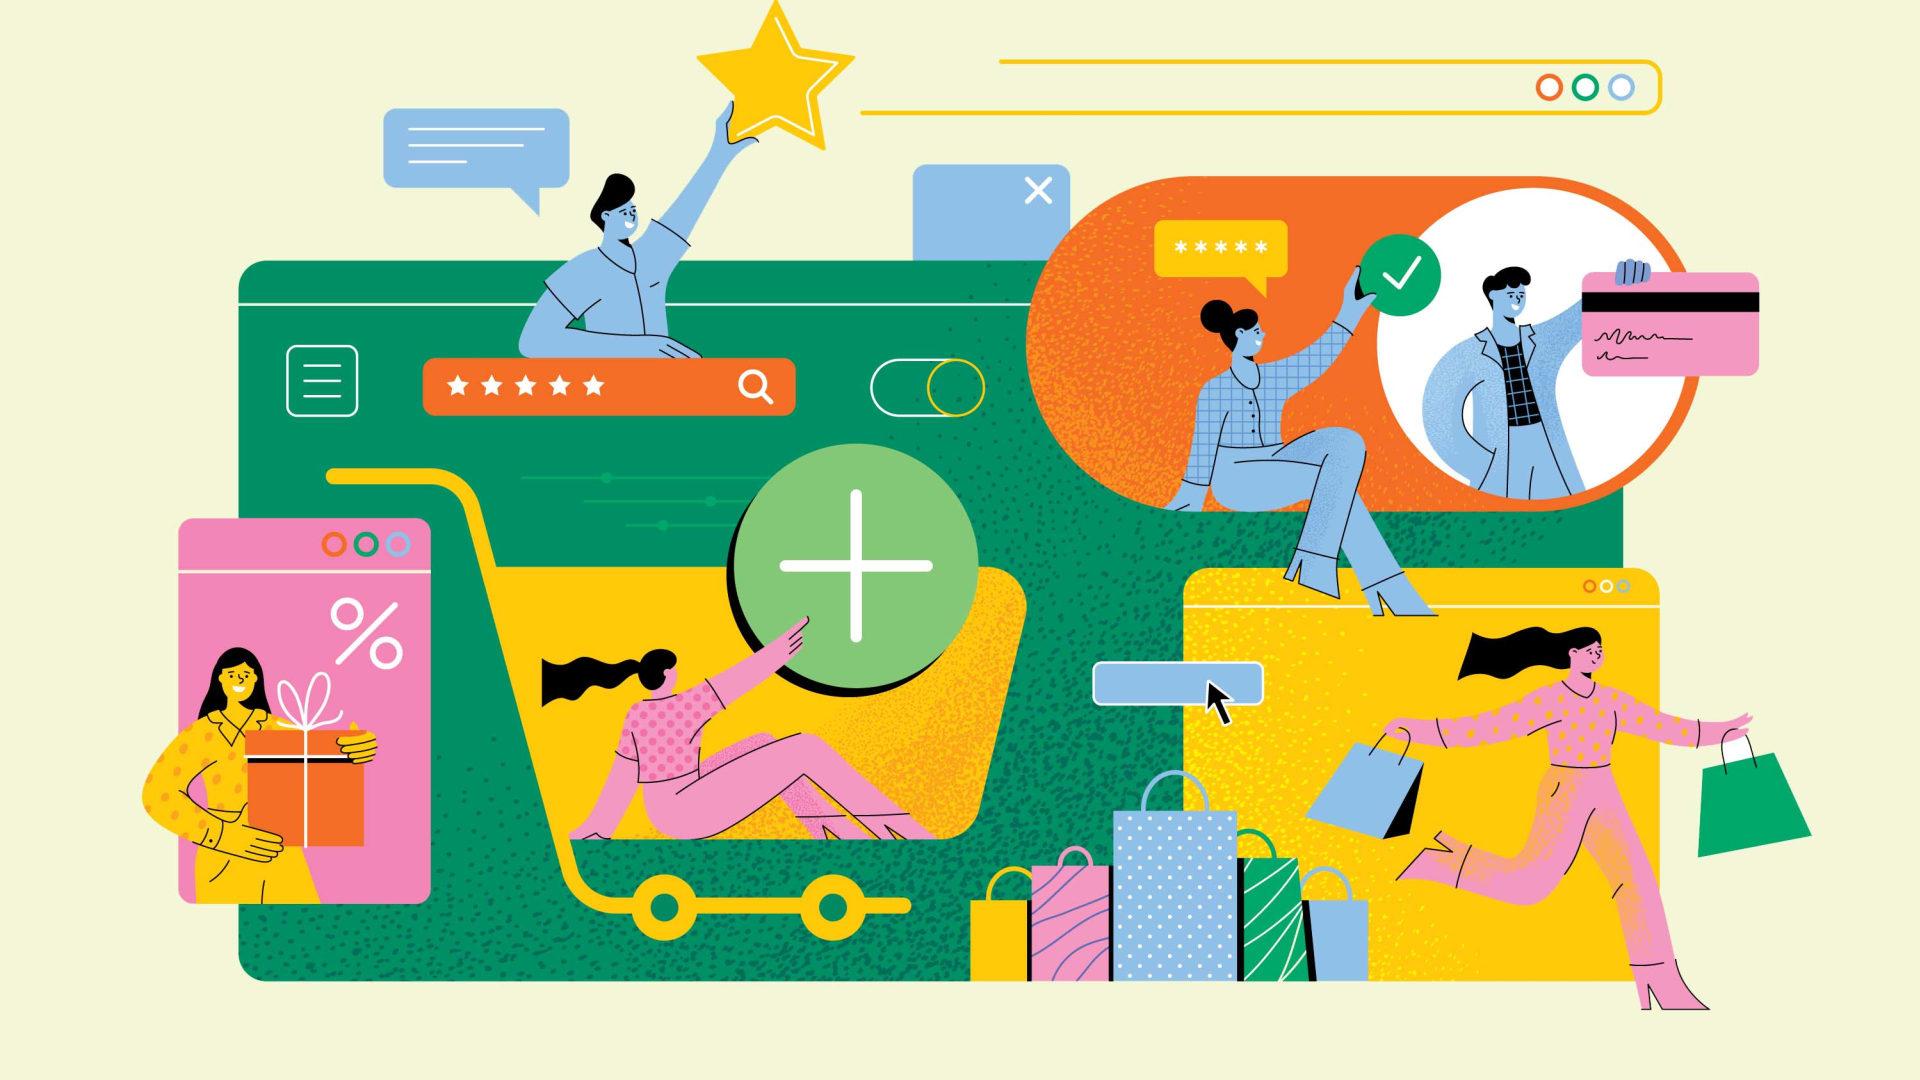 3 Startups Disrupting Online Shopping